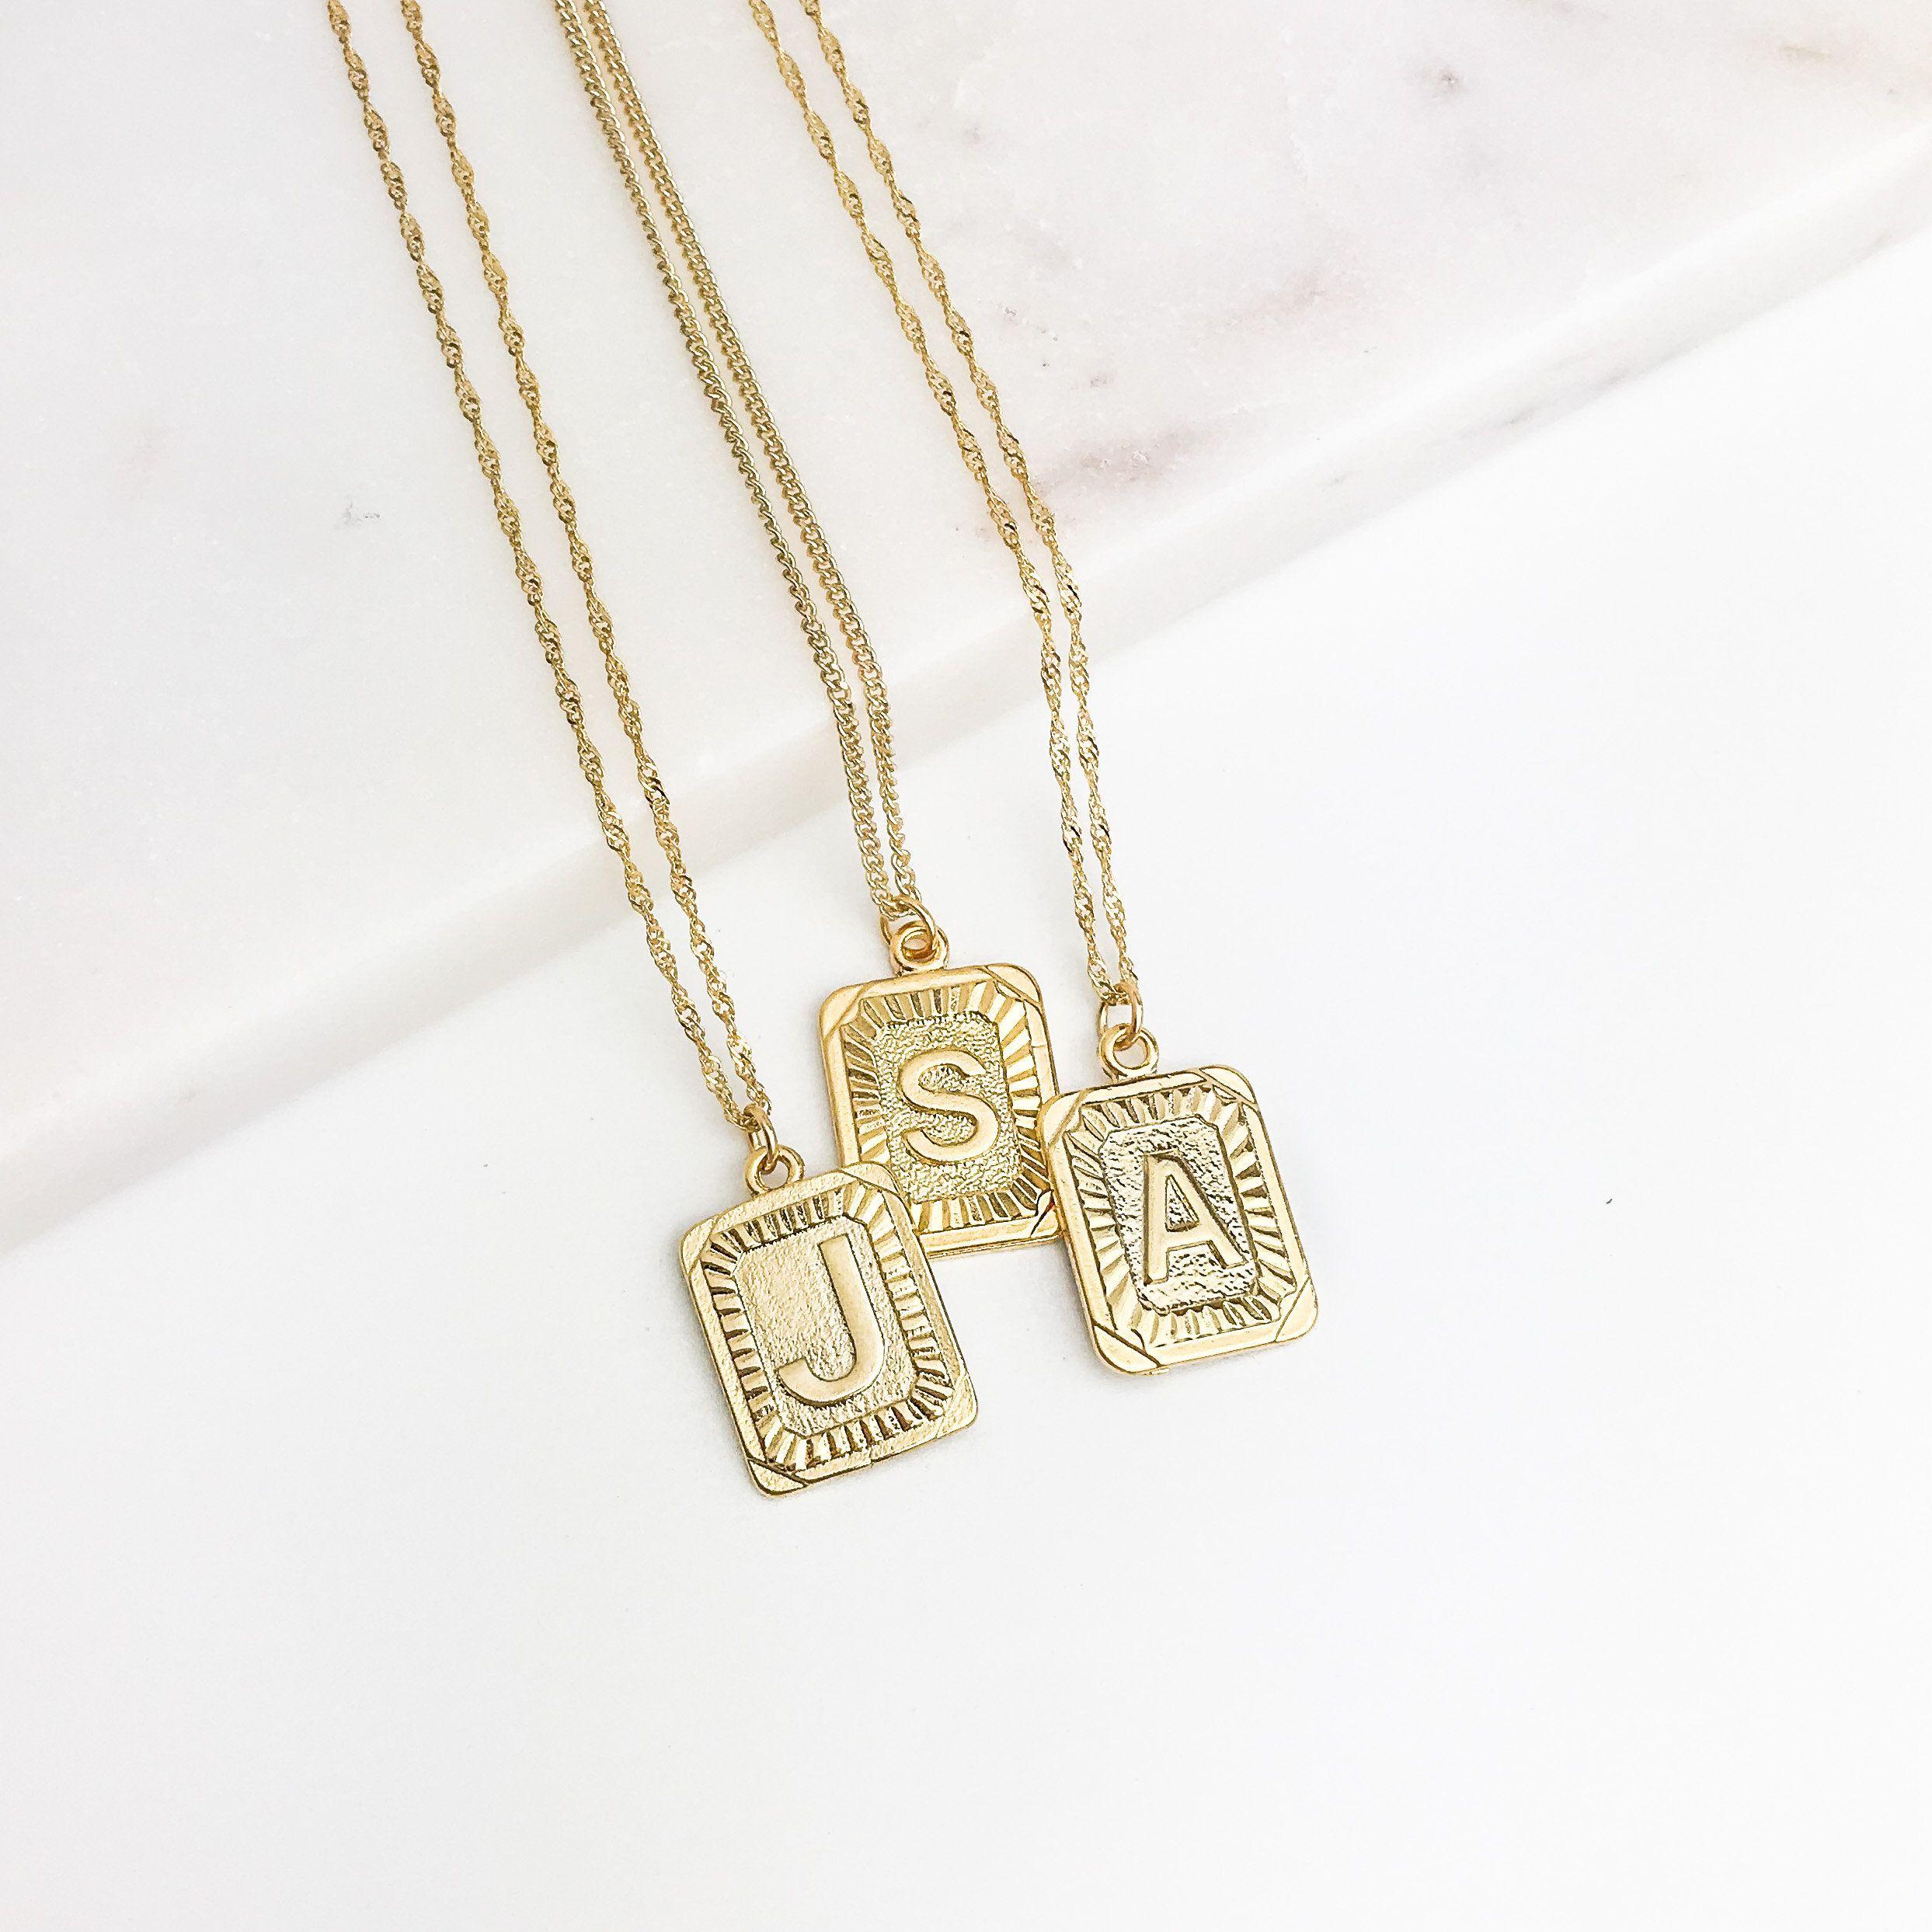 31+ Custom letter pendant gold ideas in 2021